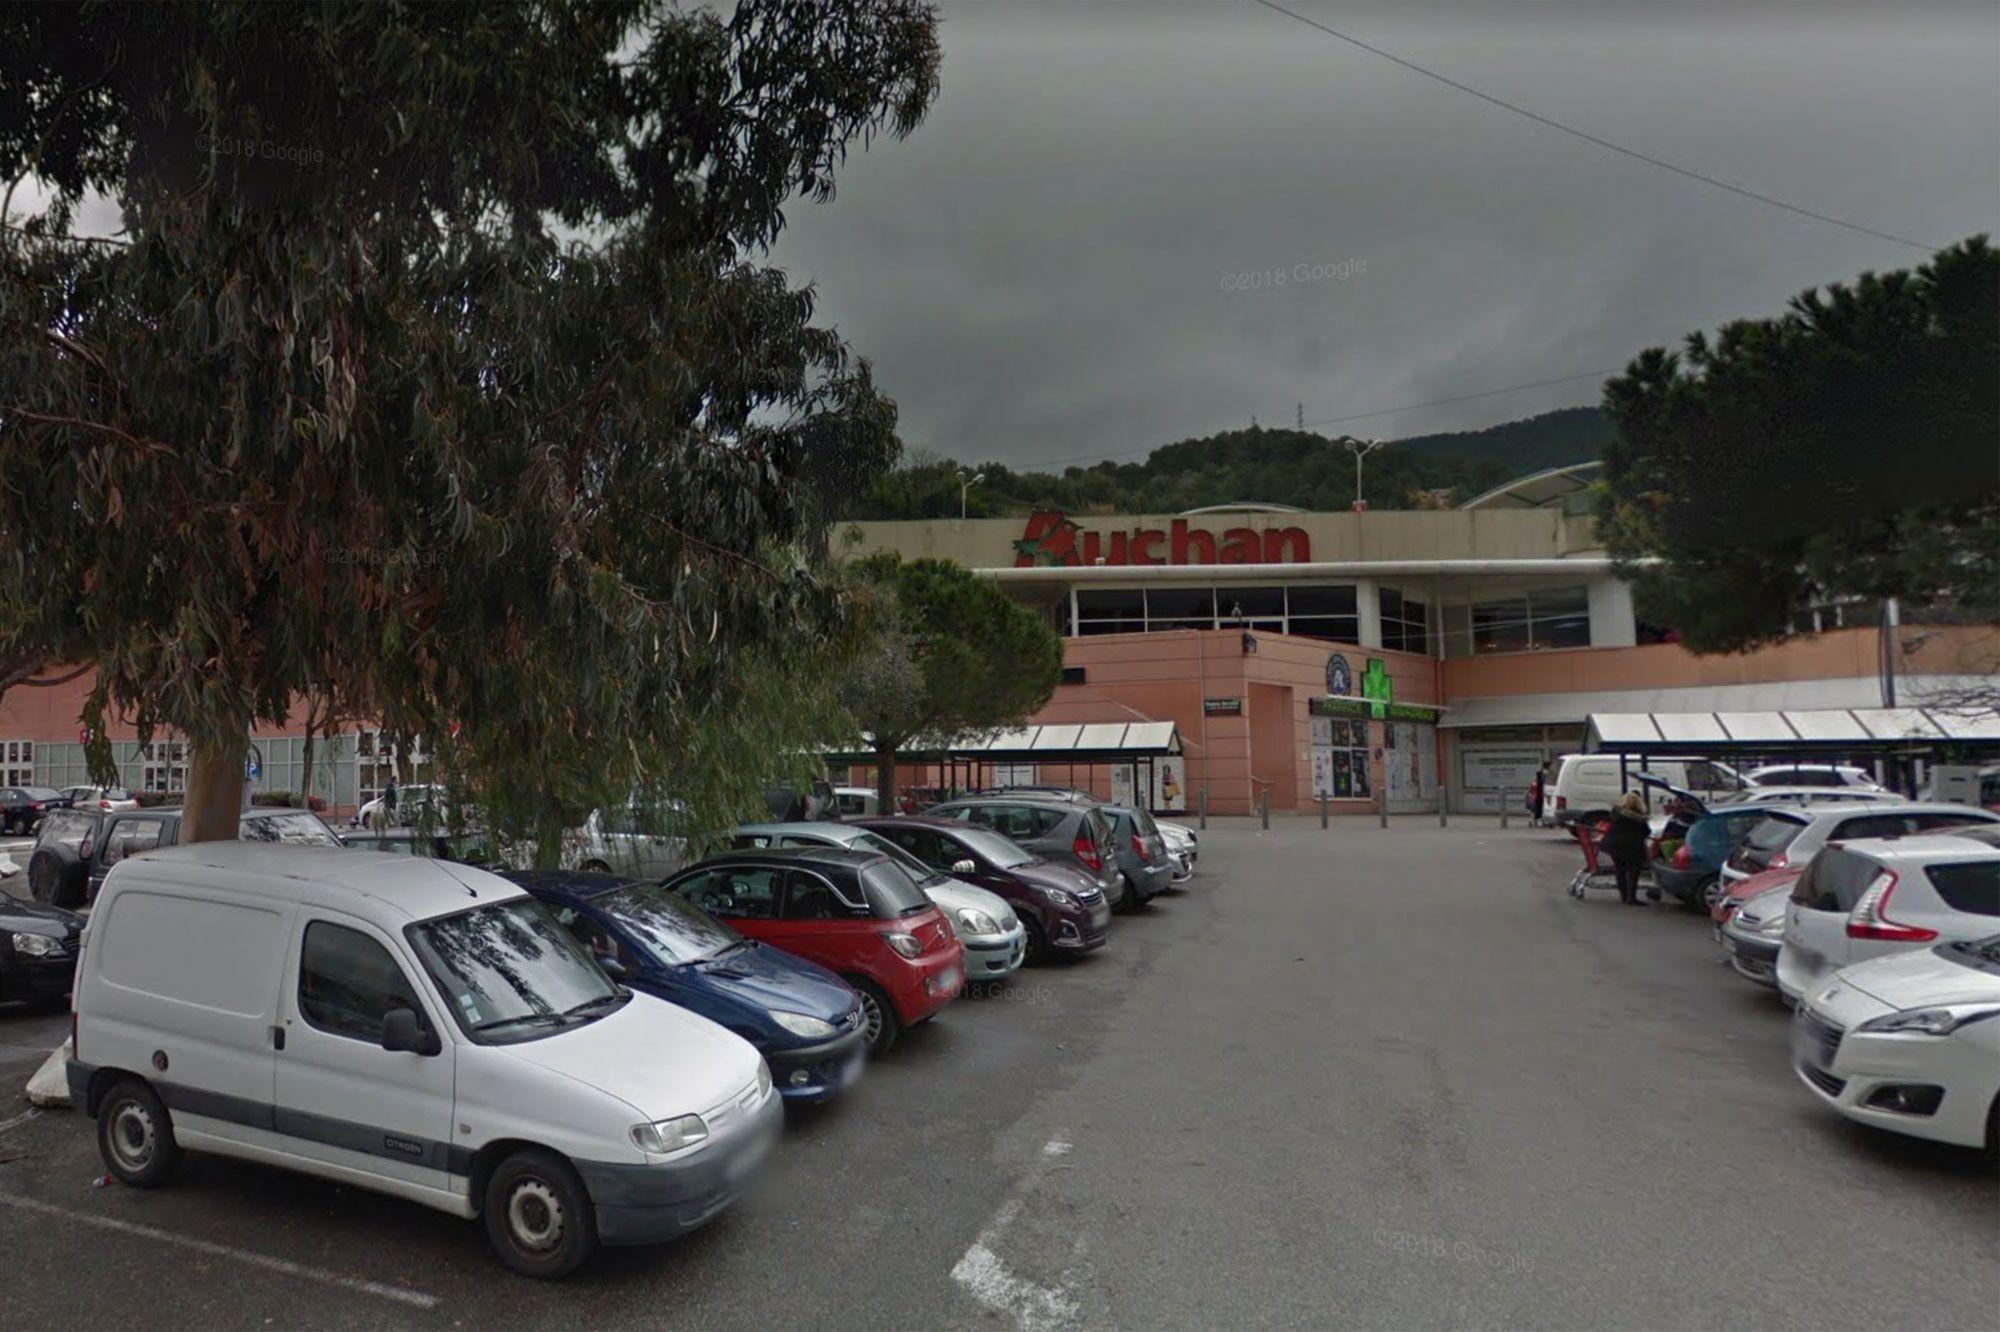 Mort Apres Avoir Ete Interpelle Par Des Vigiles A Auchan